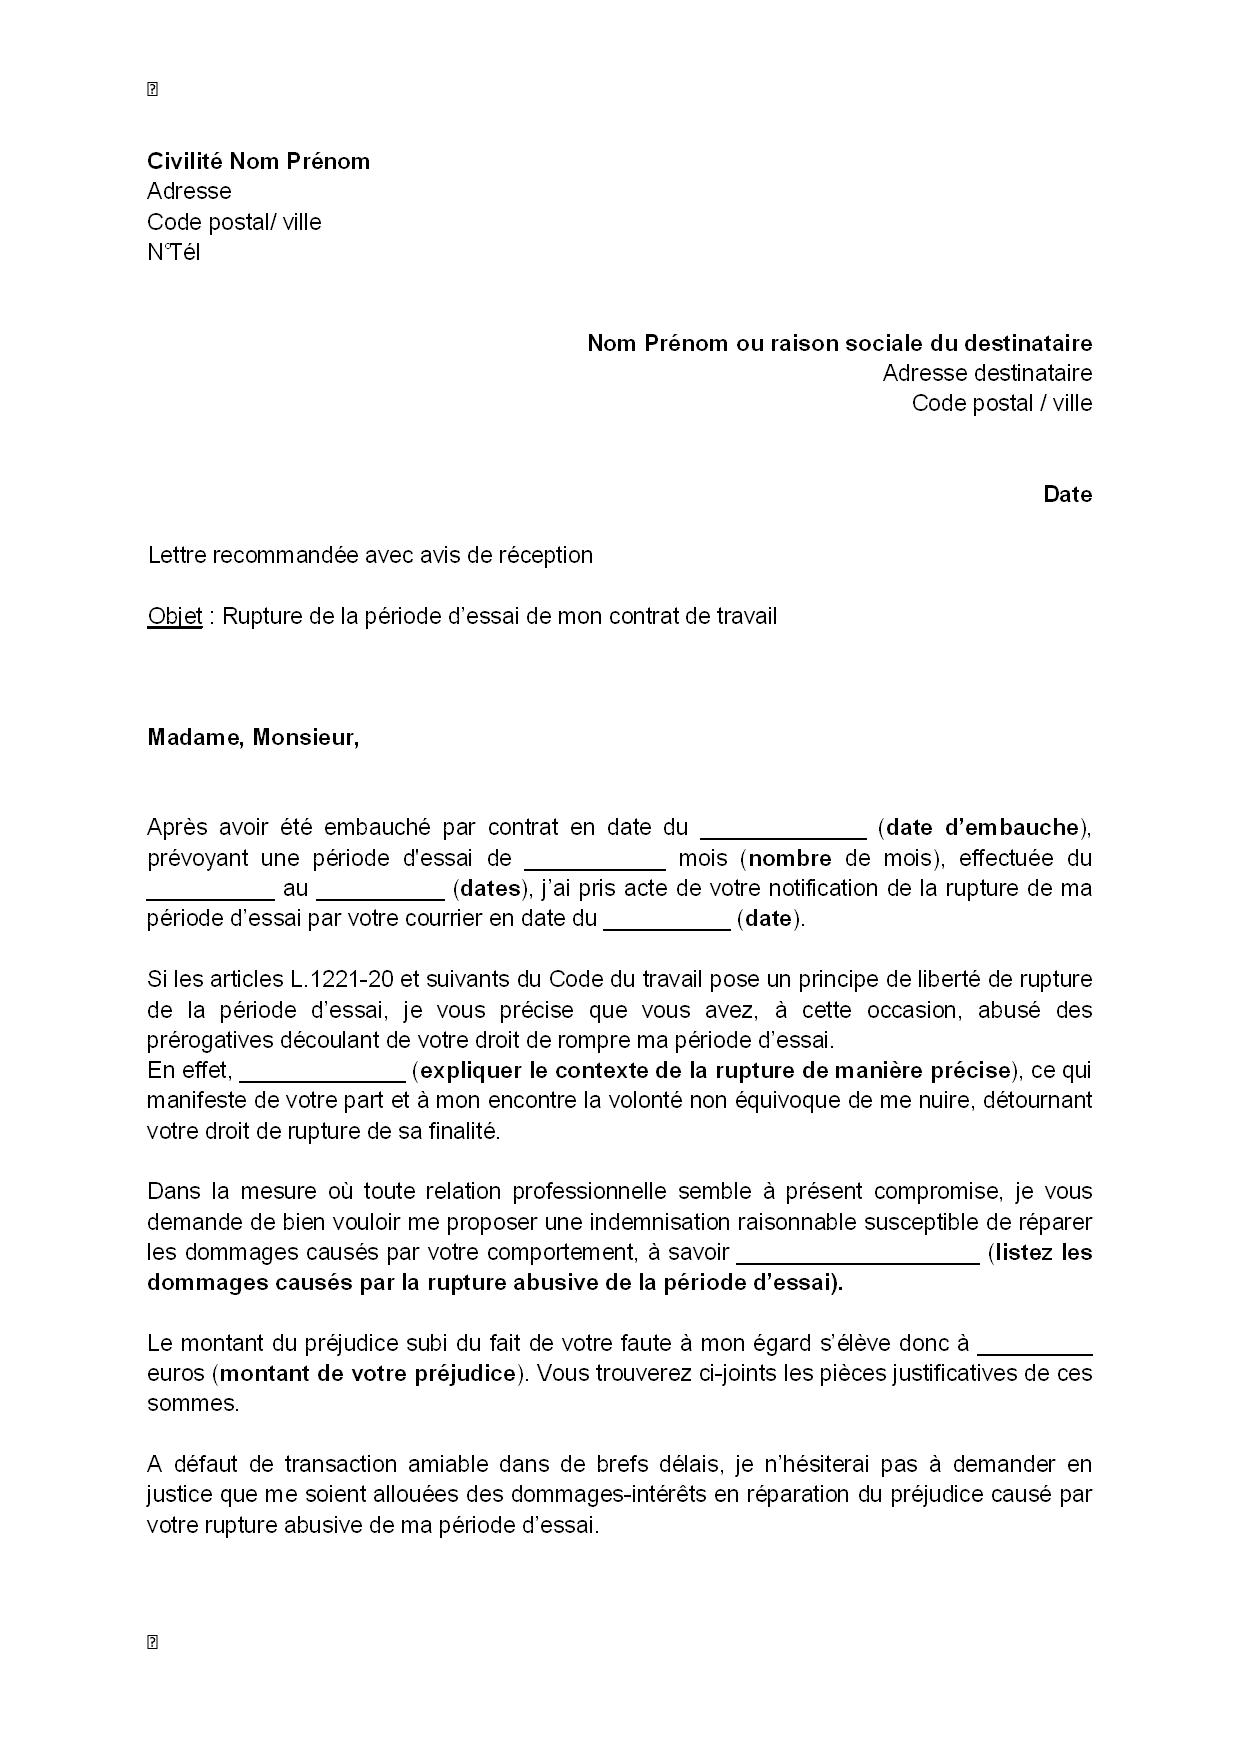 Lettre De Contestation De La Rupture De La Periode D Essai Pour Abus